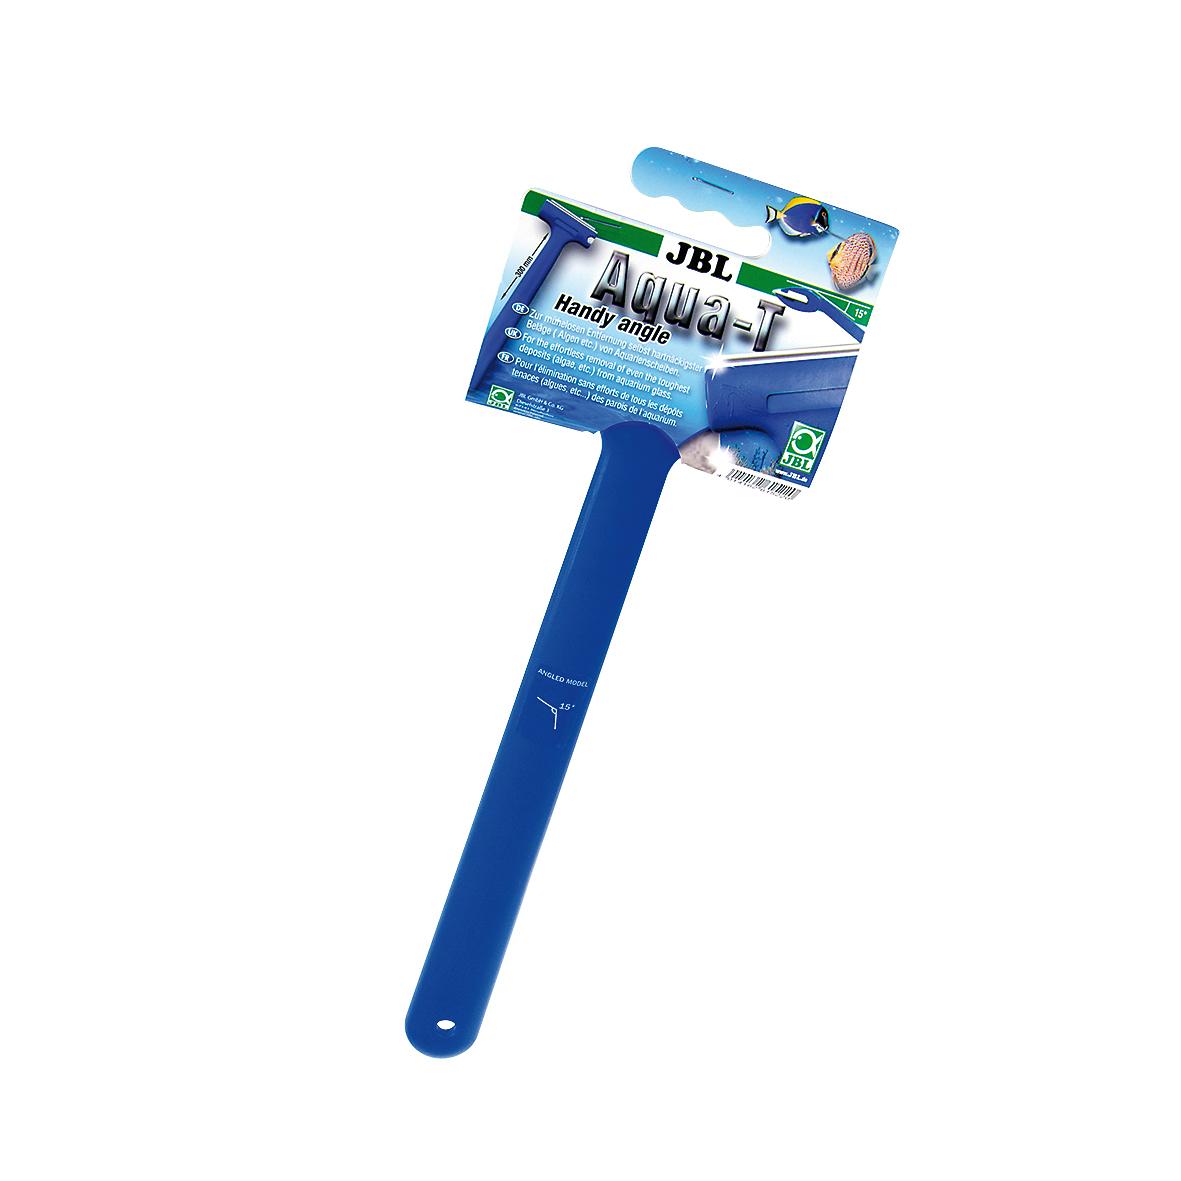 JBL Aqua-T Handy angle 6152200